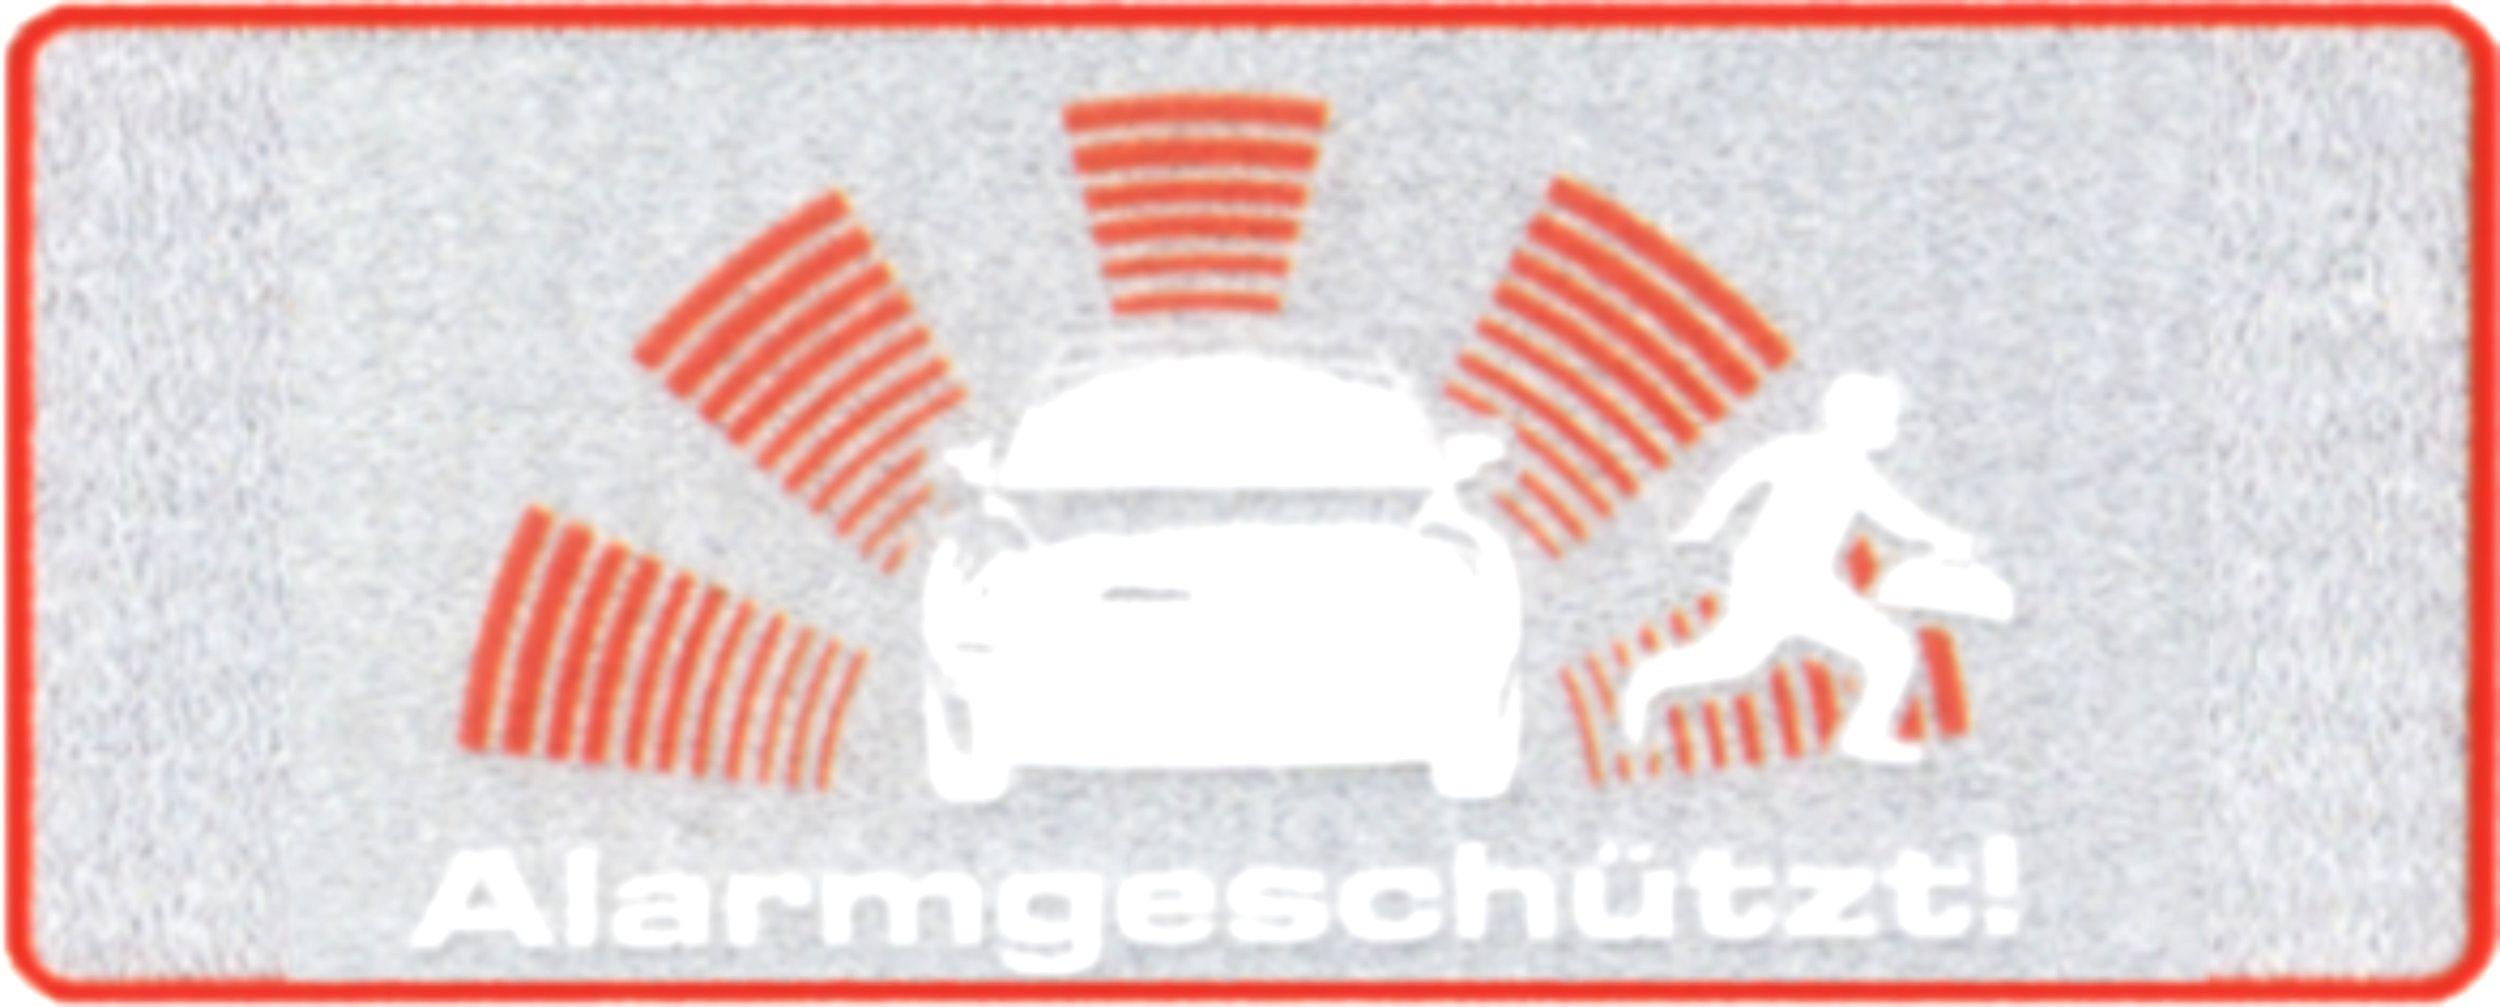 Sticker Alarmgeschützt – Bild 1